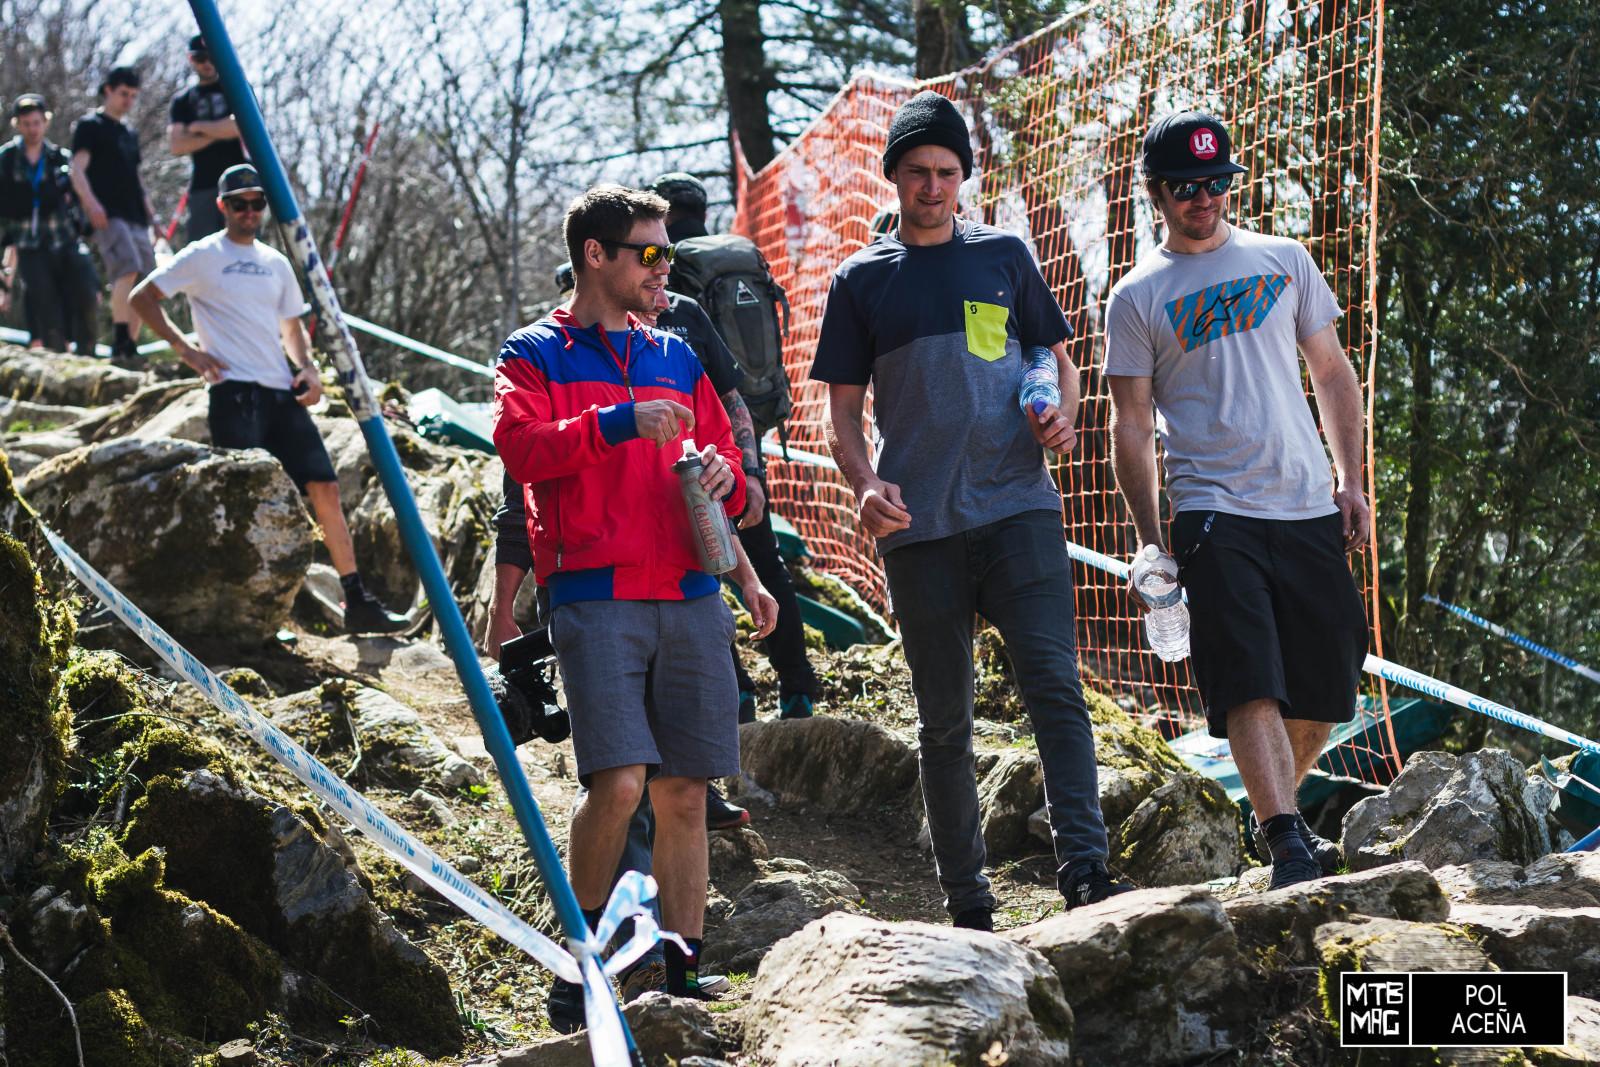 Brendog en el rock garden, al principio del circuito.